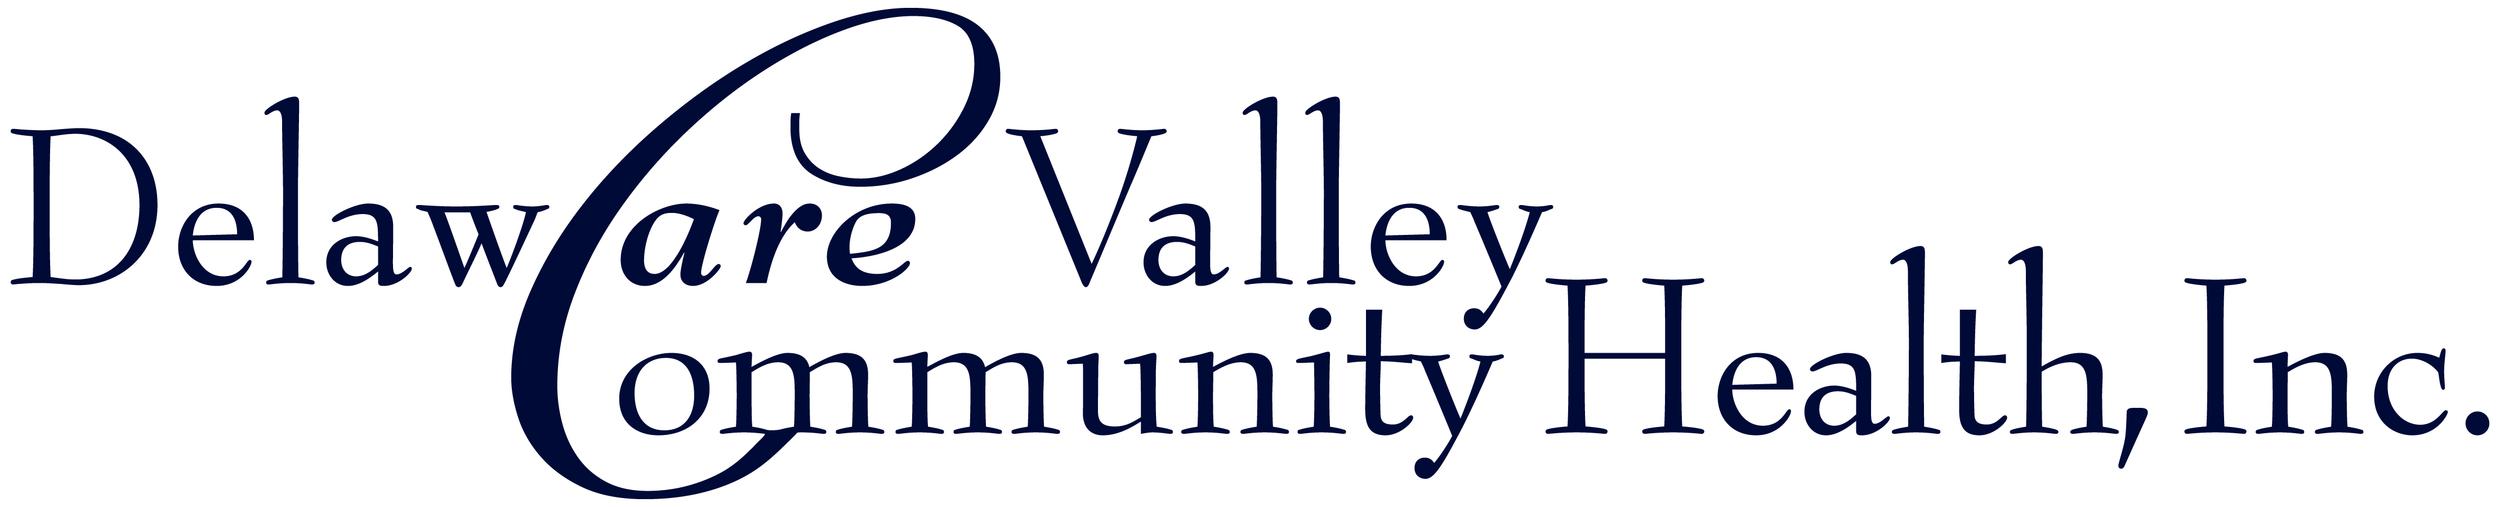 DVCH_logo.jpg